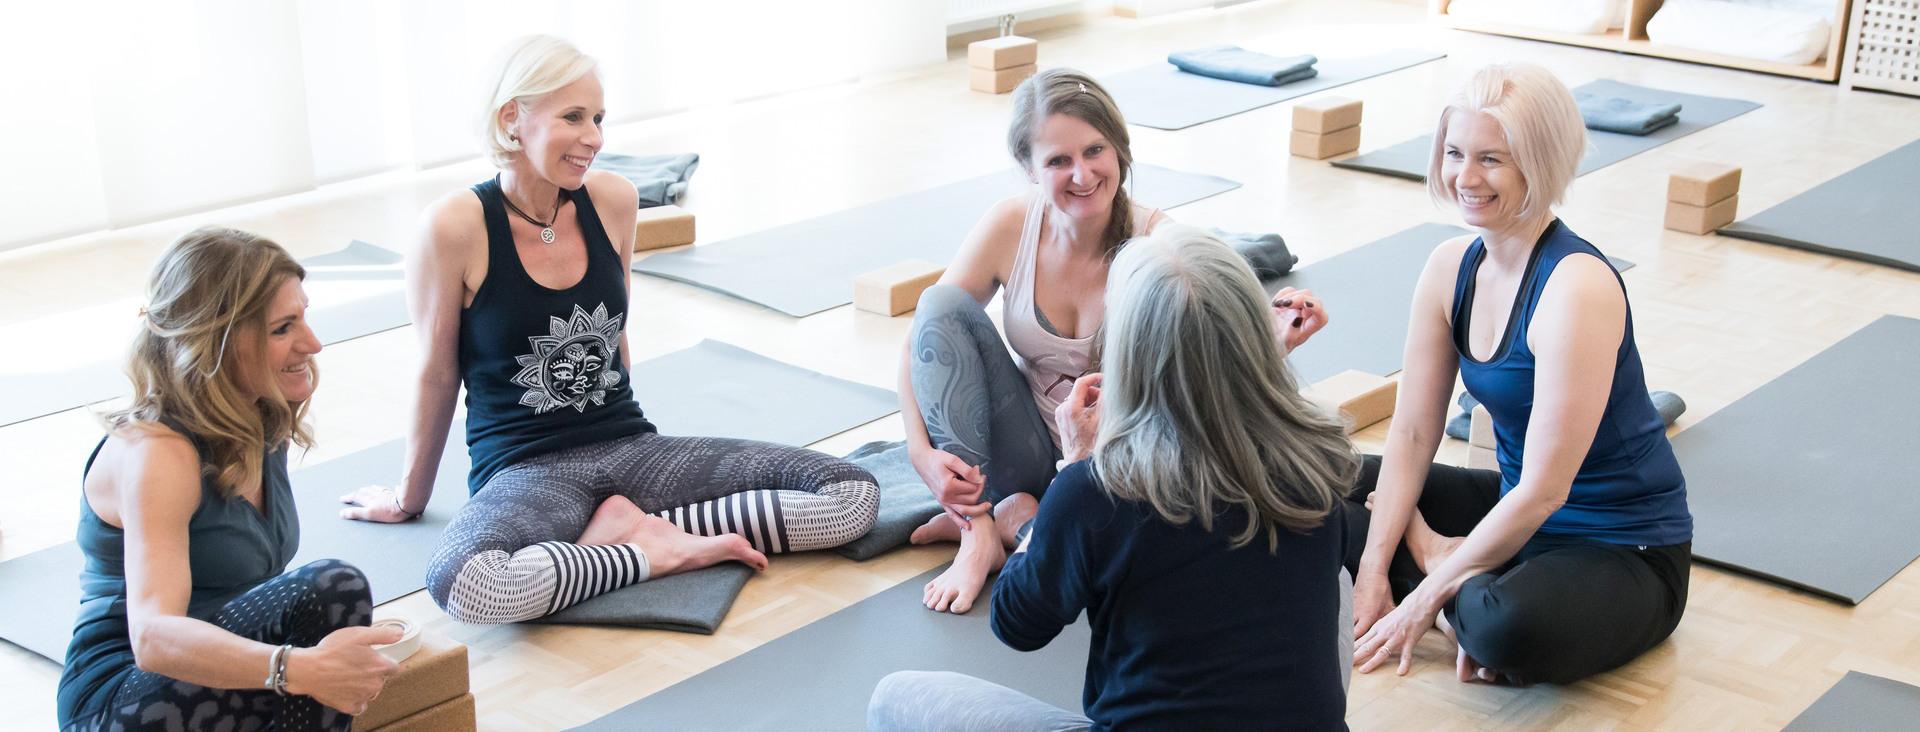 yogannette akademie workshops header